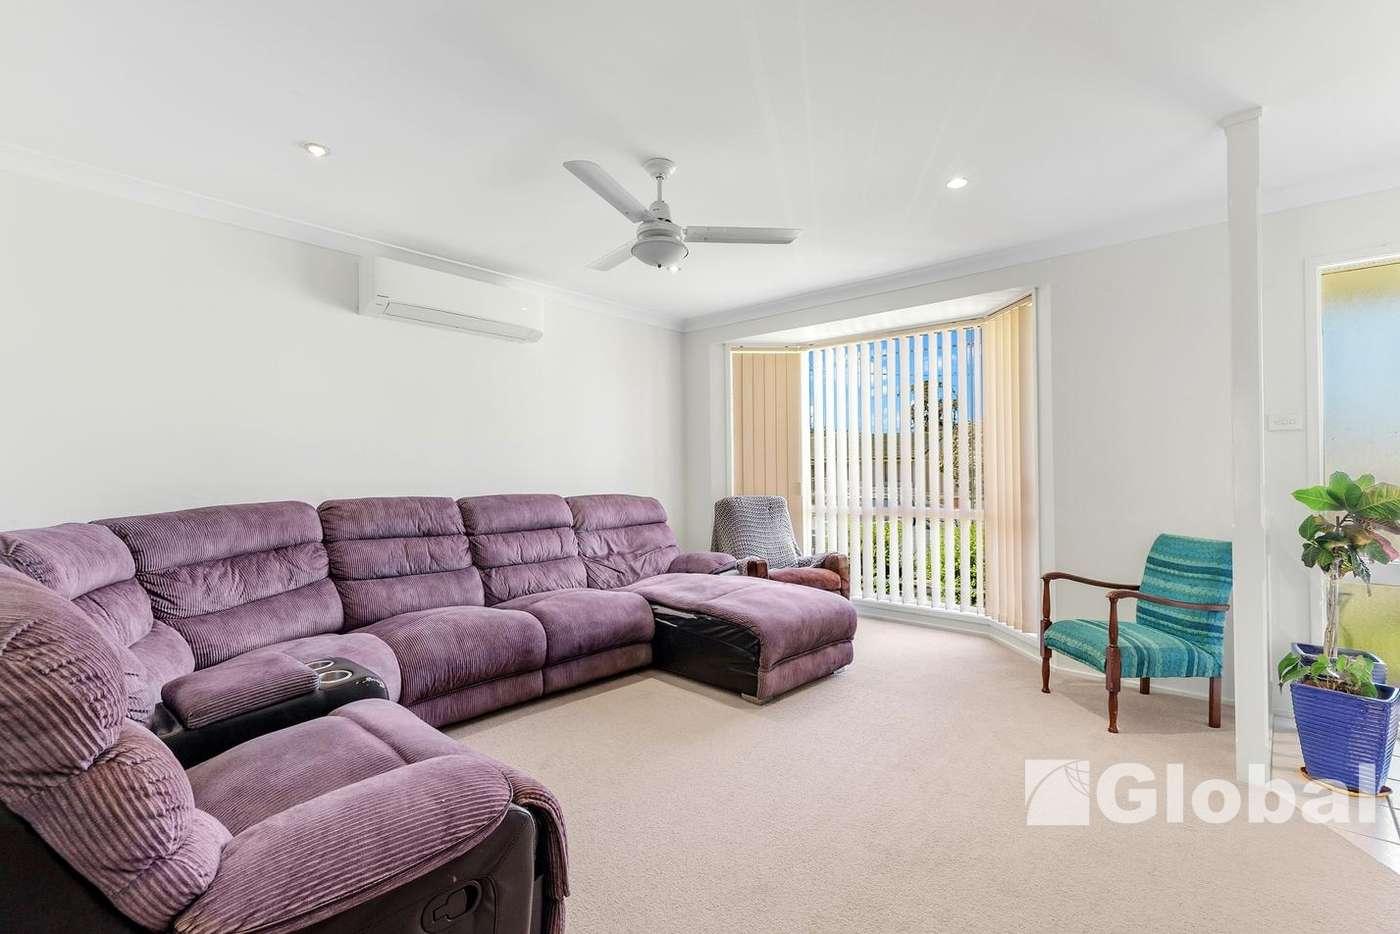 Fifth view of Homely house listing, 80 Huene Avenue, Halekulani NSW 2262